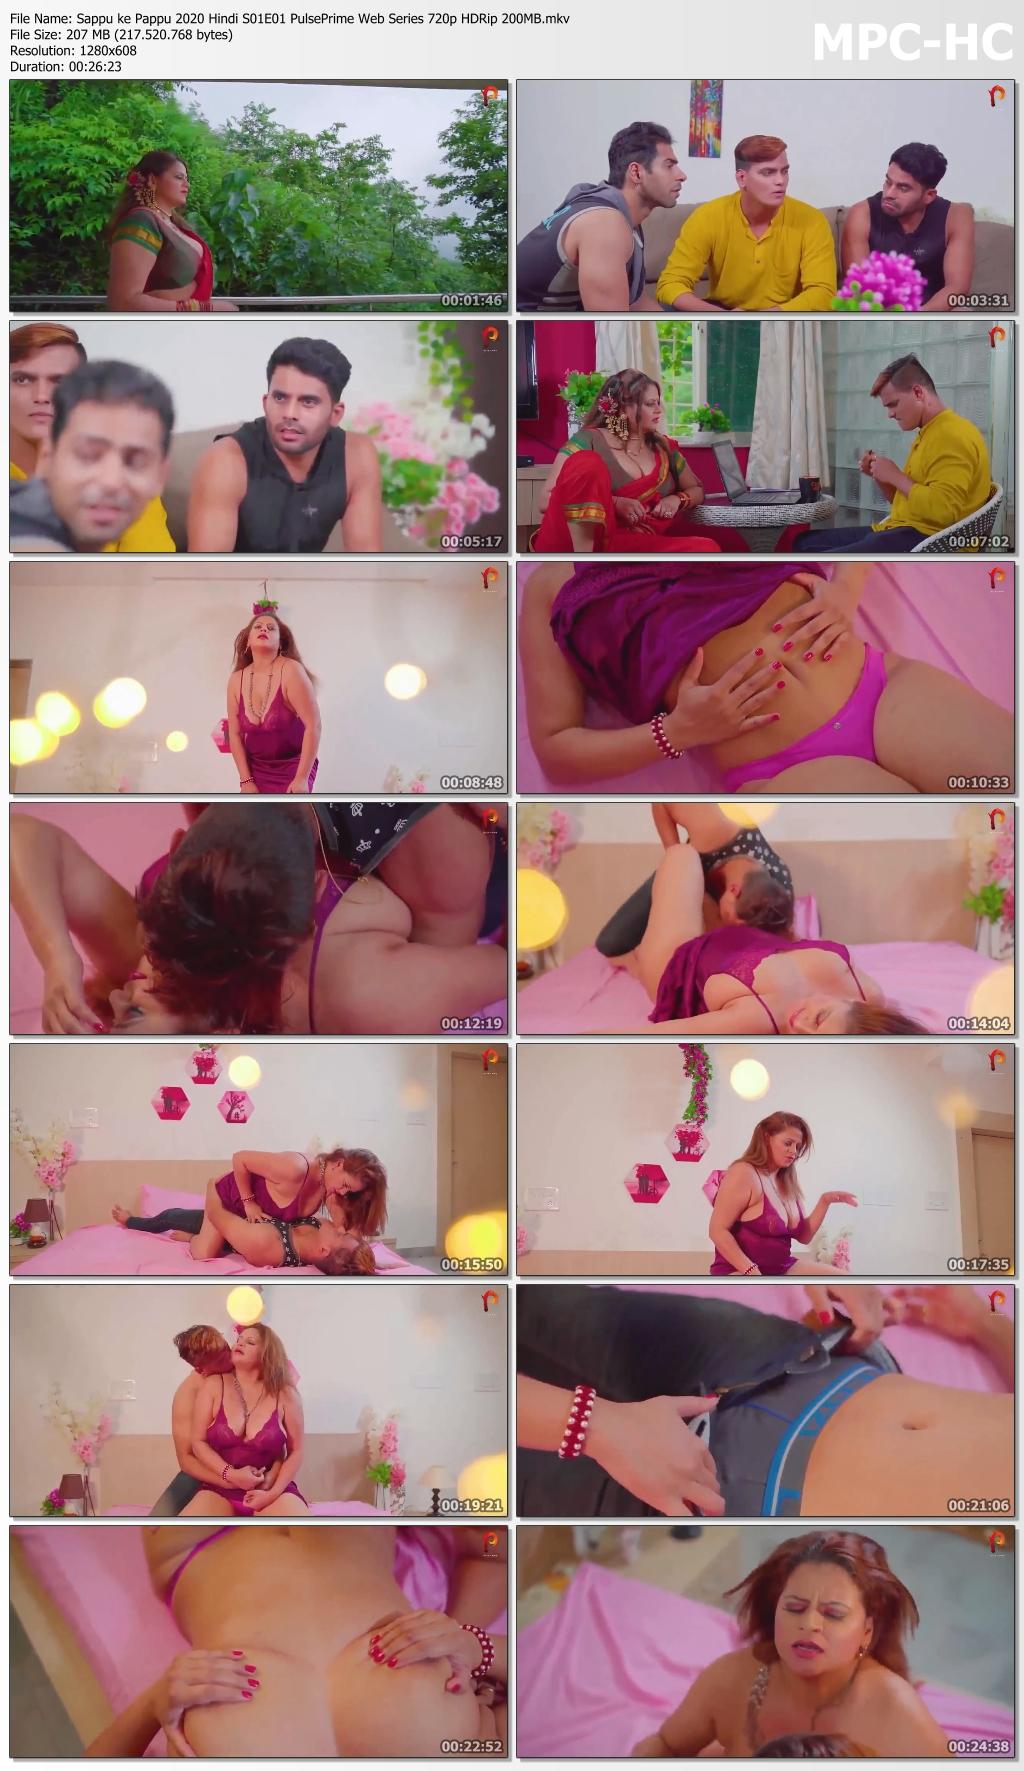 Sappu-ke-Pappu-2020-Hindi-S01-E01-Pulse-Prime-Web-Series-720p-HDRip-200-MB-mkv-thumbs